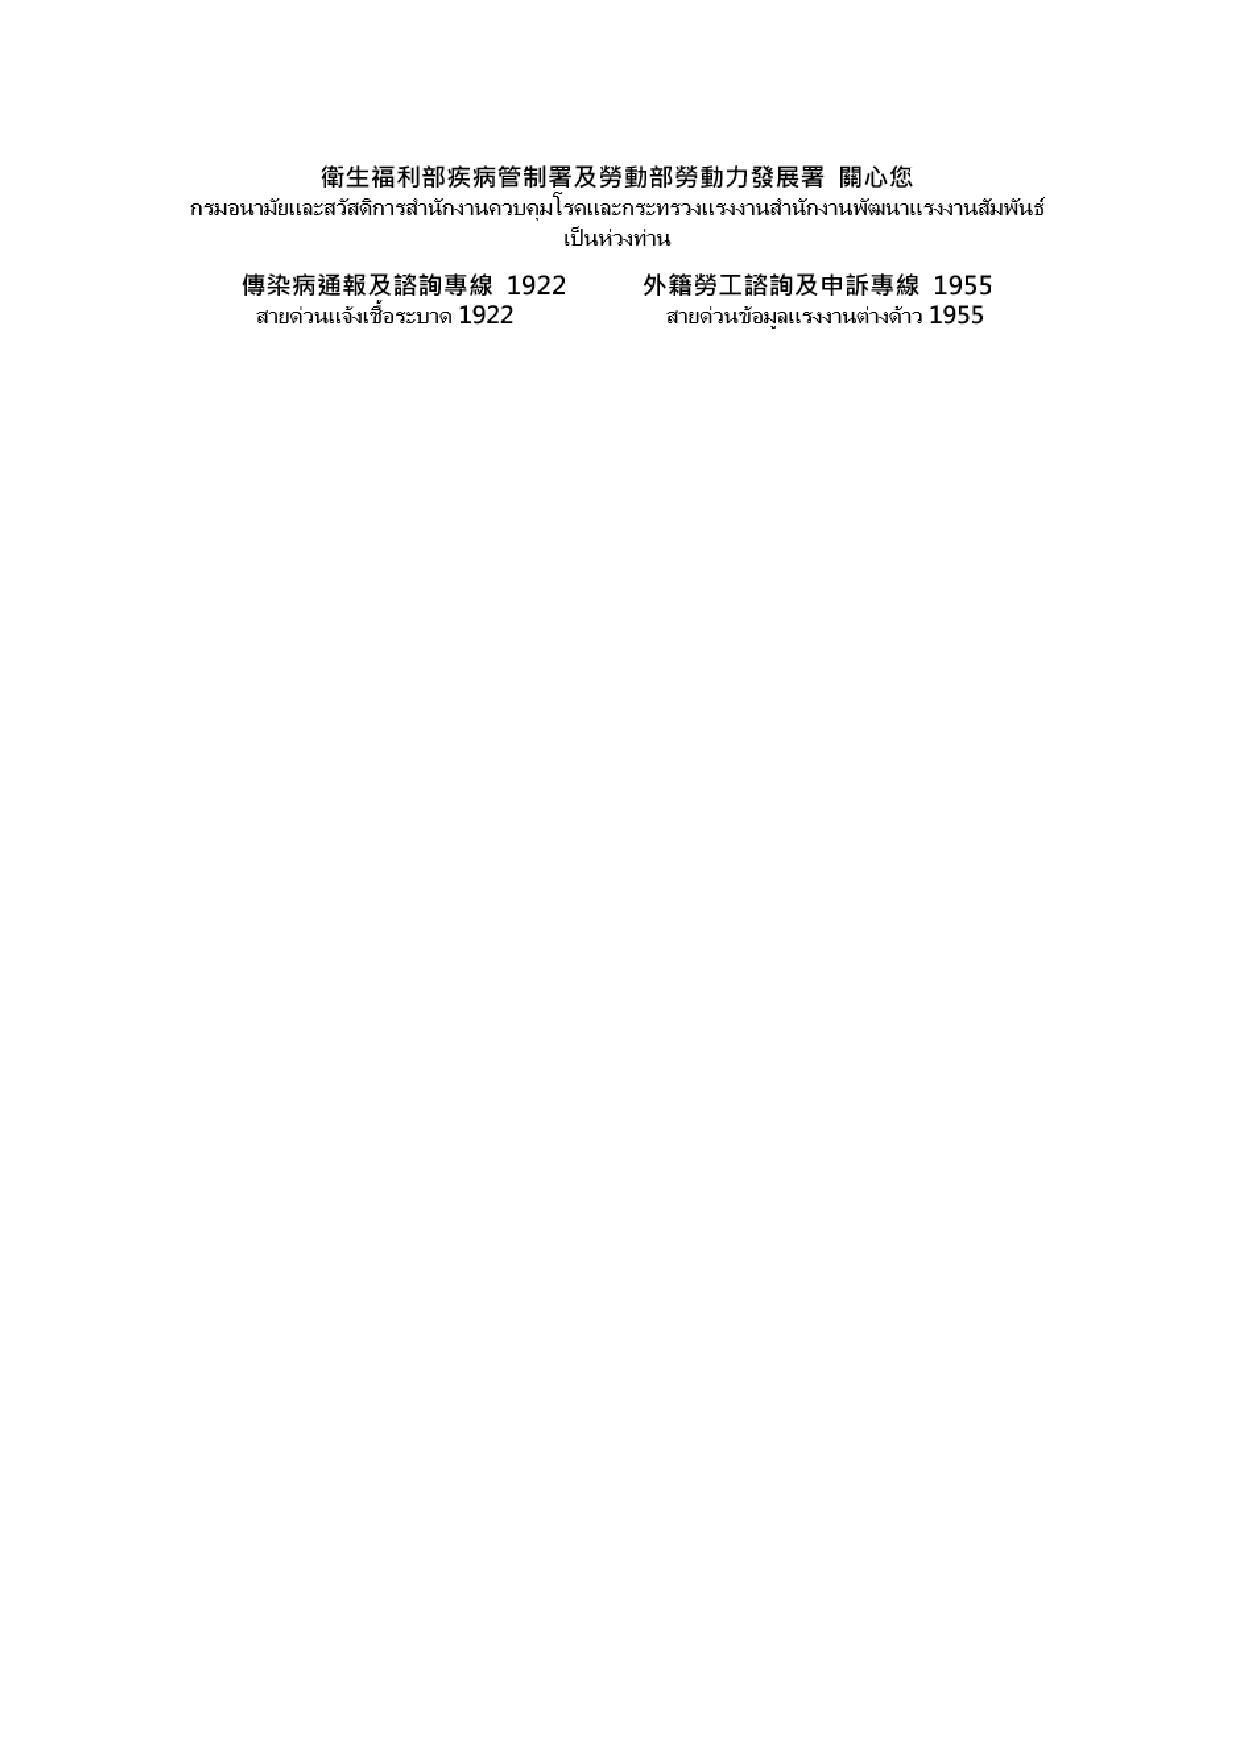 詳如附件【คลิก】เพื่อเป็นการป้องกันโรคกระเพาะอาหารและลำไส้อักเสบ(หน้า 3)預防病毒性腸胃炎(泰文)